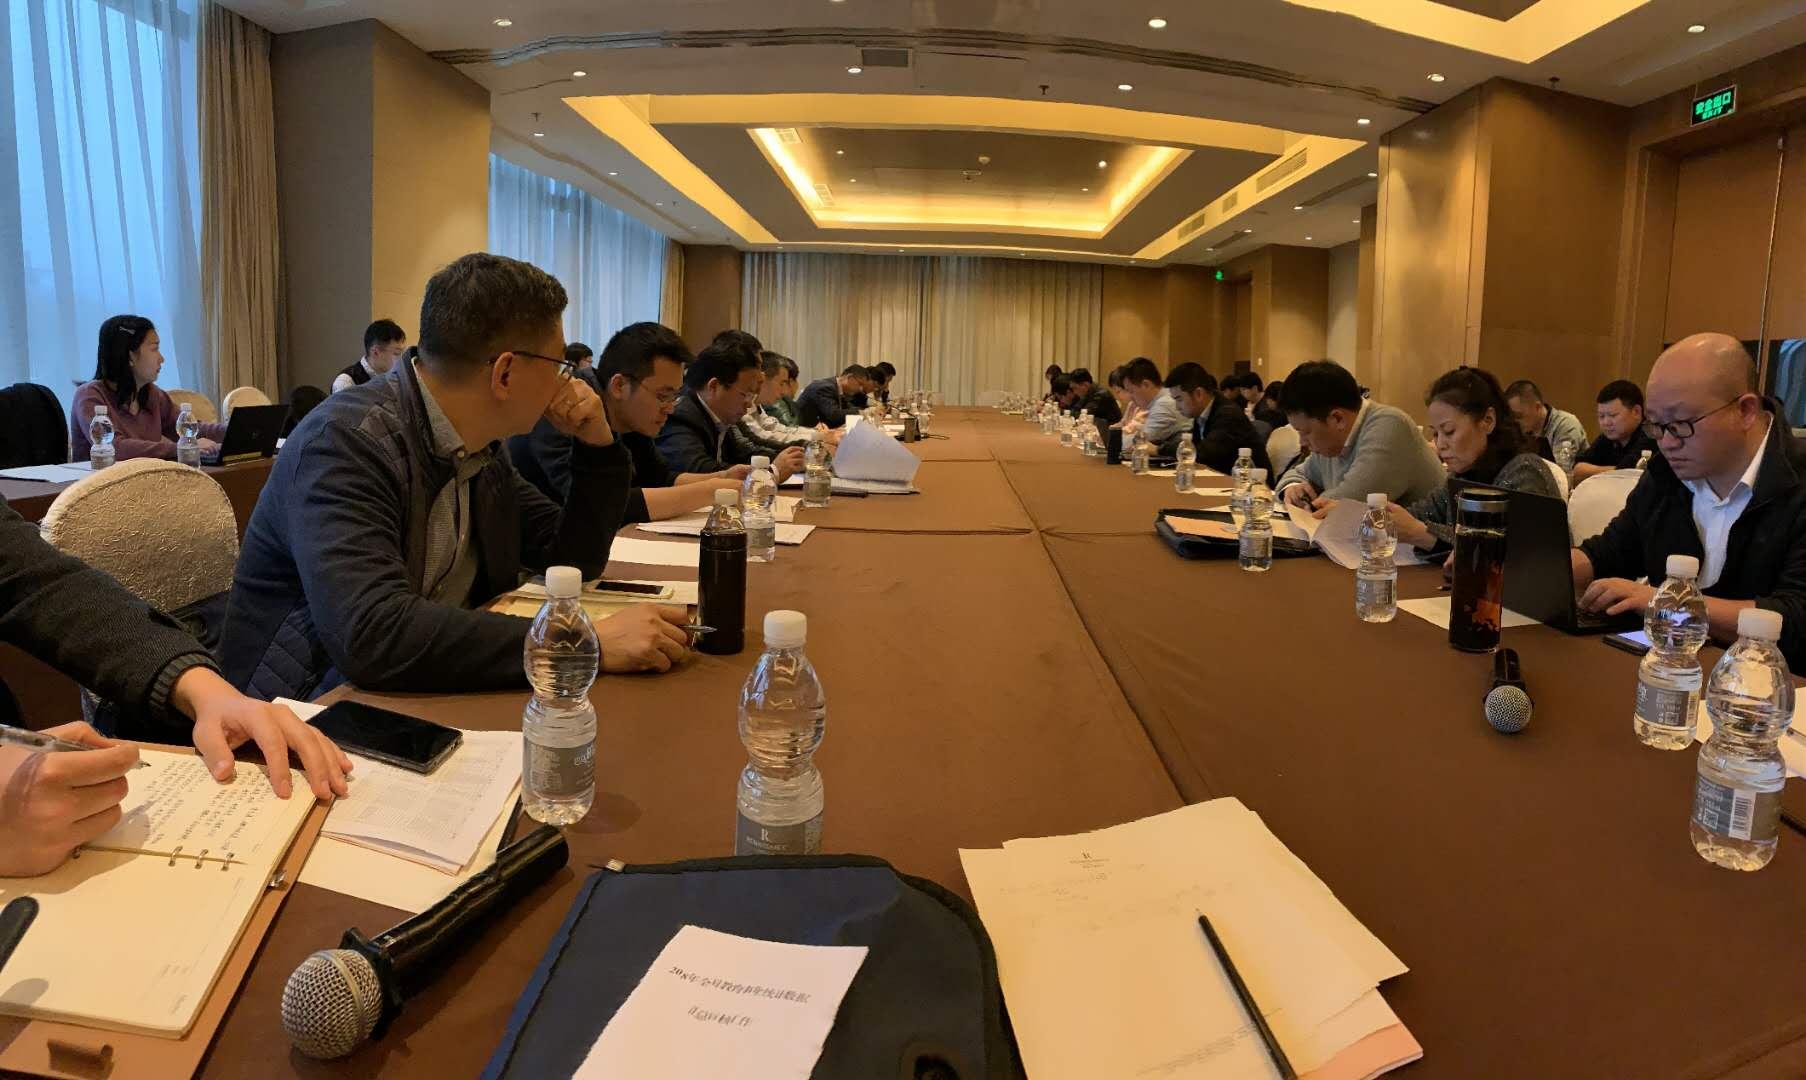 2018年参加全国教育统计数据汇总审核工作-贵阳.jpg